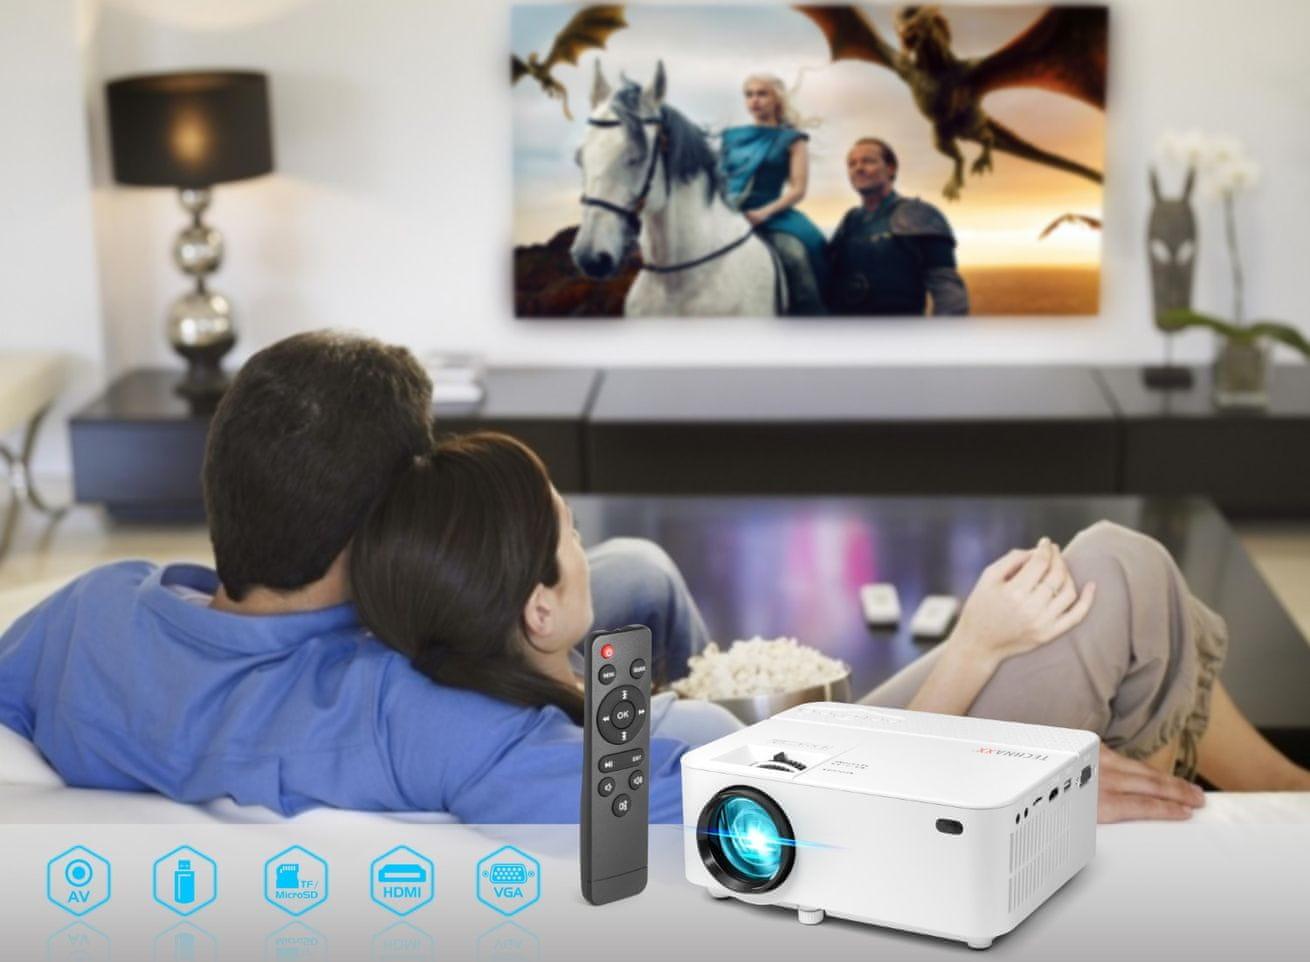 Projektor Technaxx TX0441 (4781) Full HD 1 800 lm výdrž LED